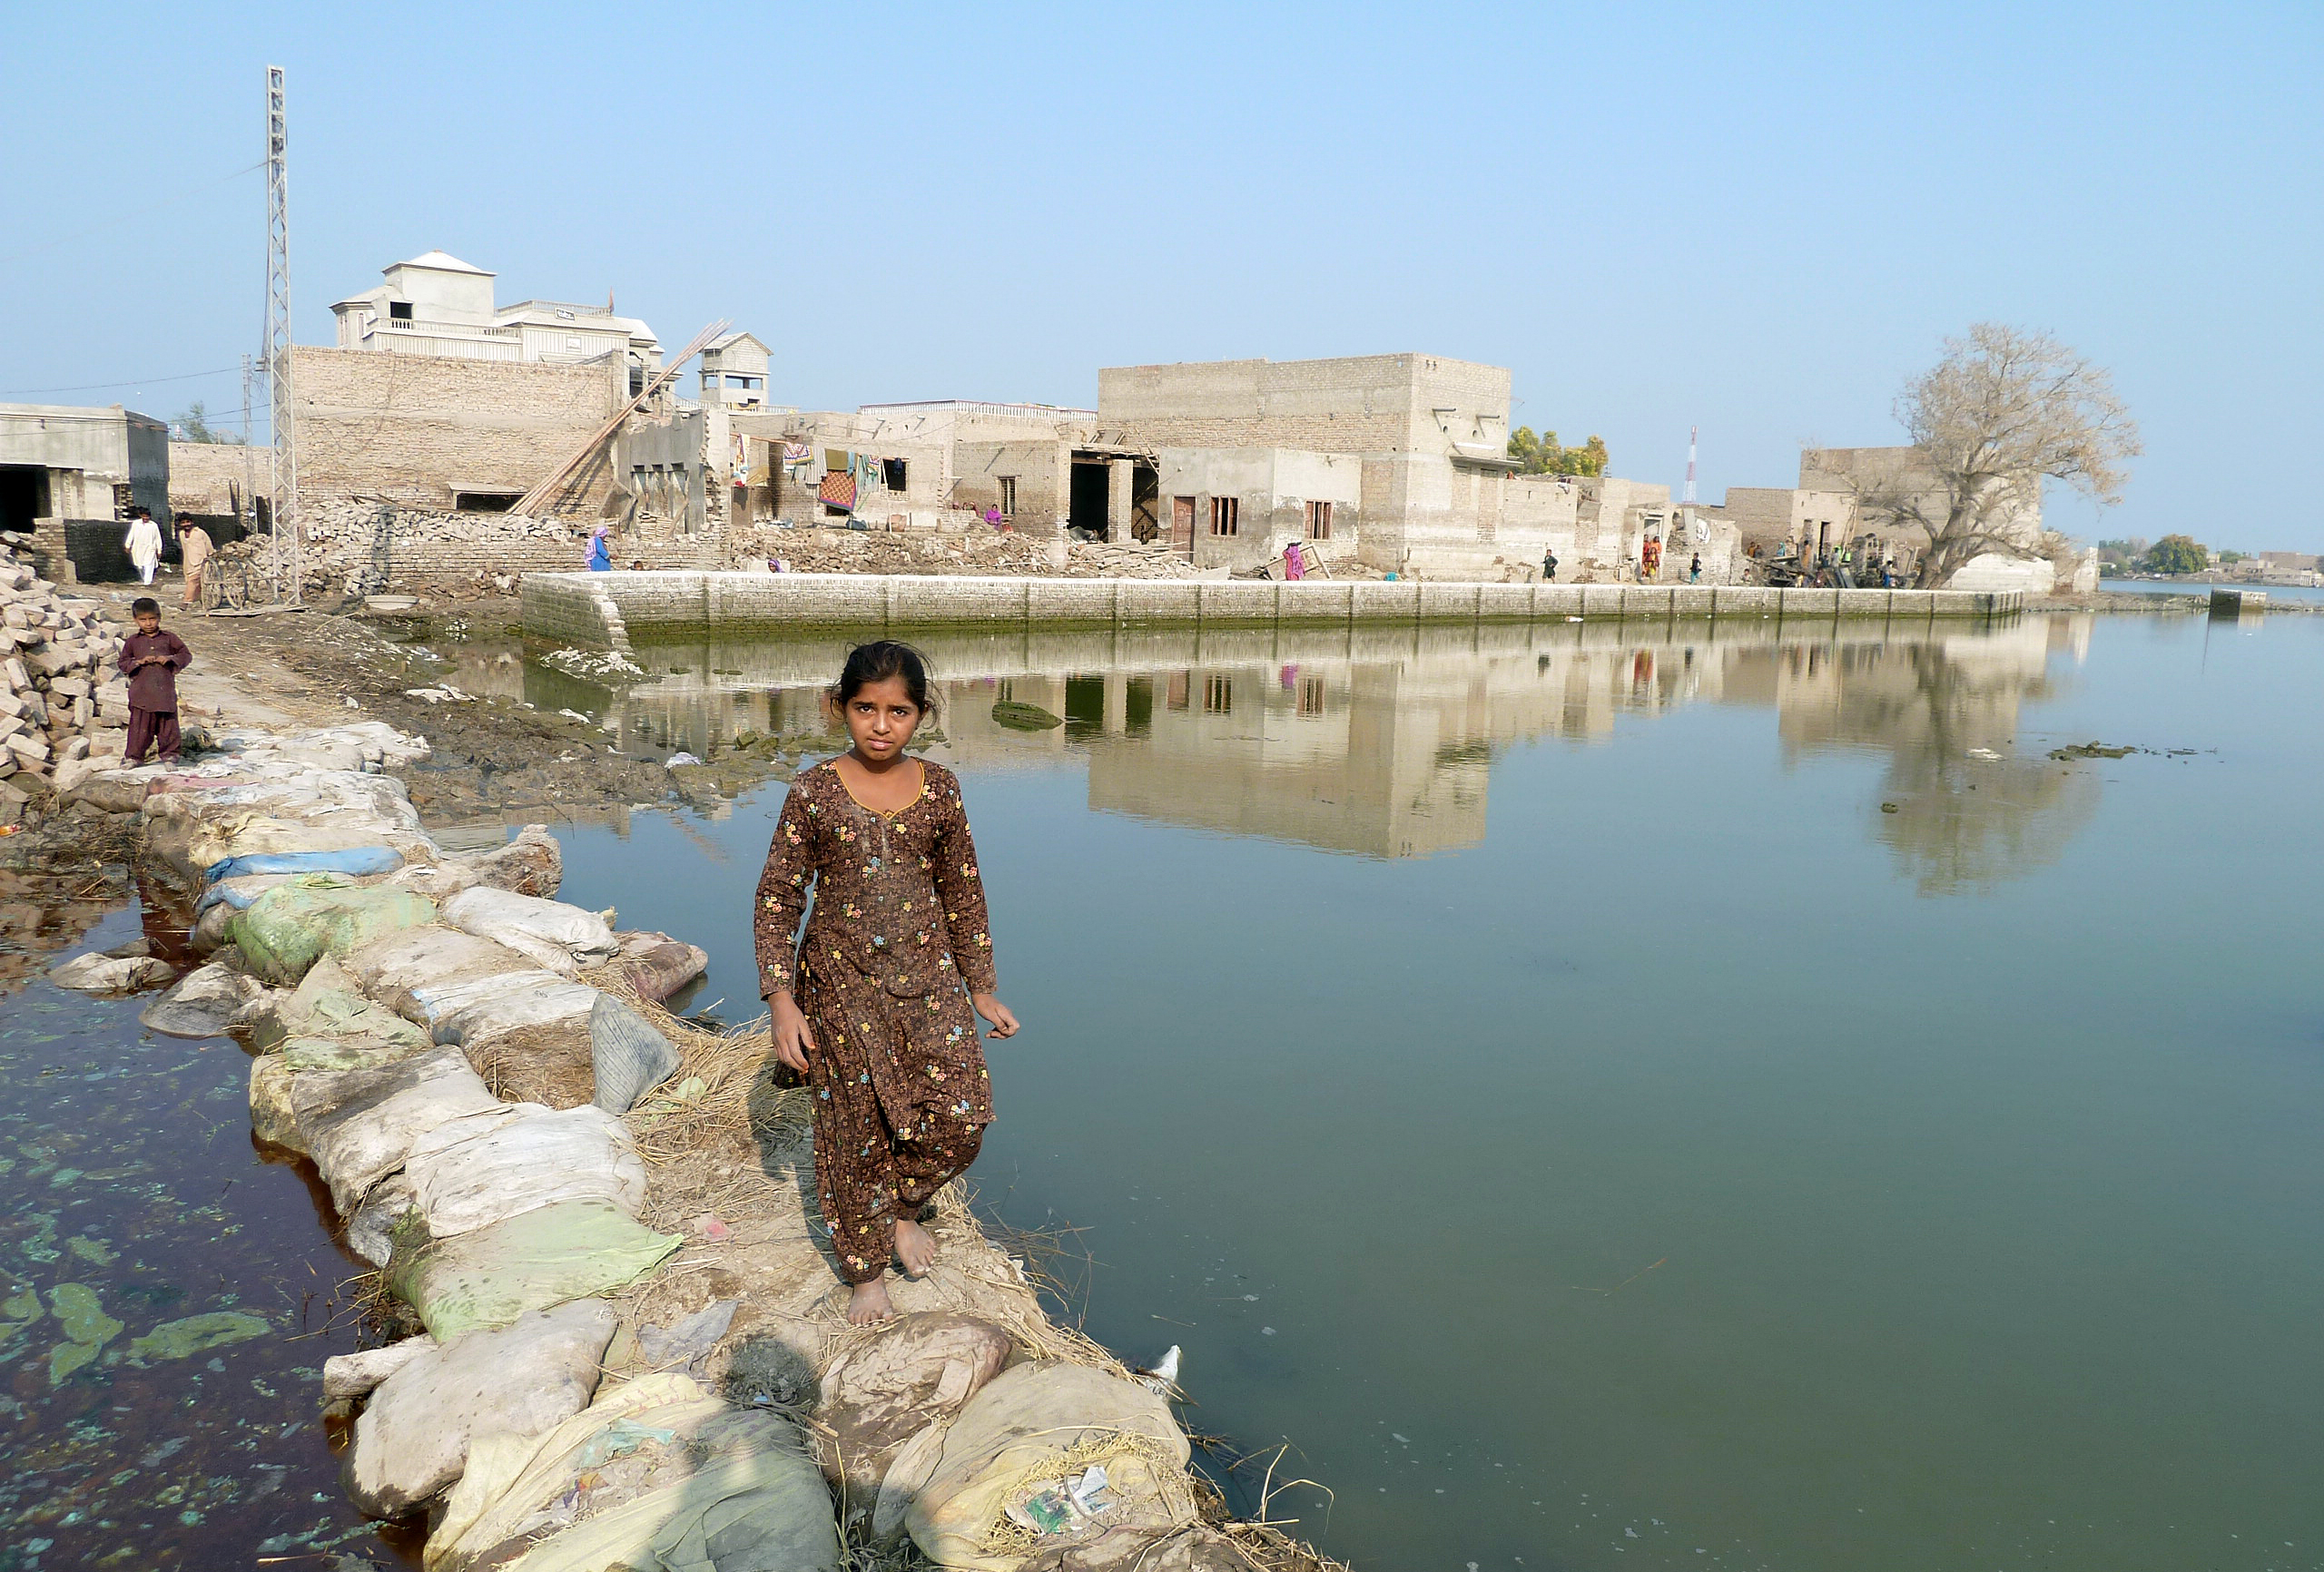 Ein junges Mädchen auf einer Behelfsbrücke nach einer Überflutung in der Provinz Sindh in Pakistan